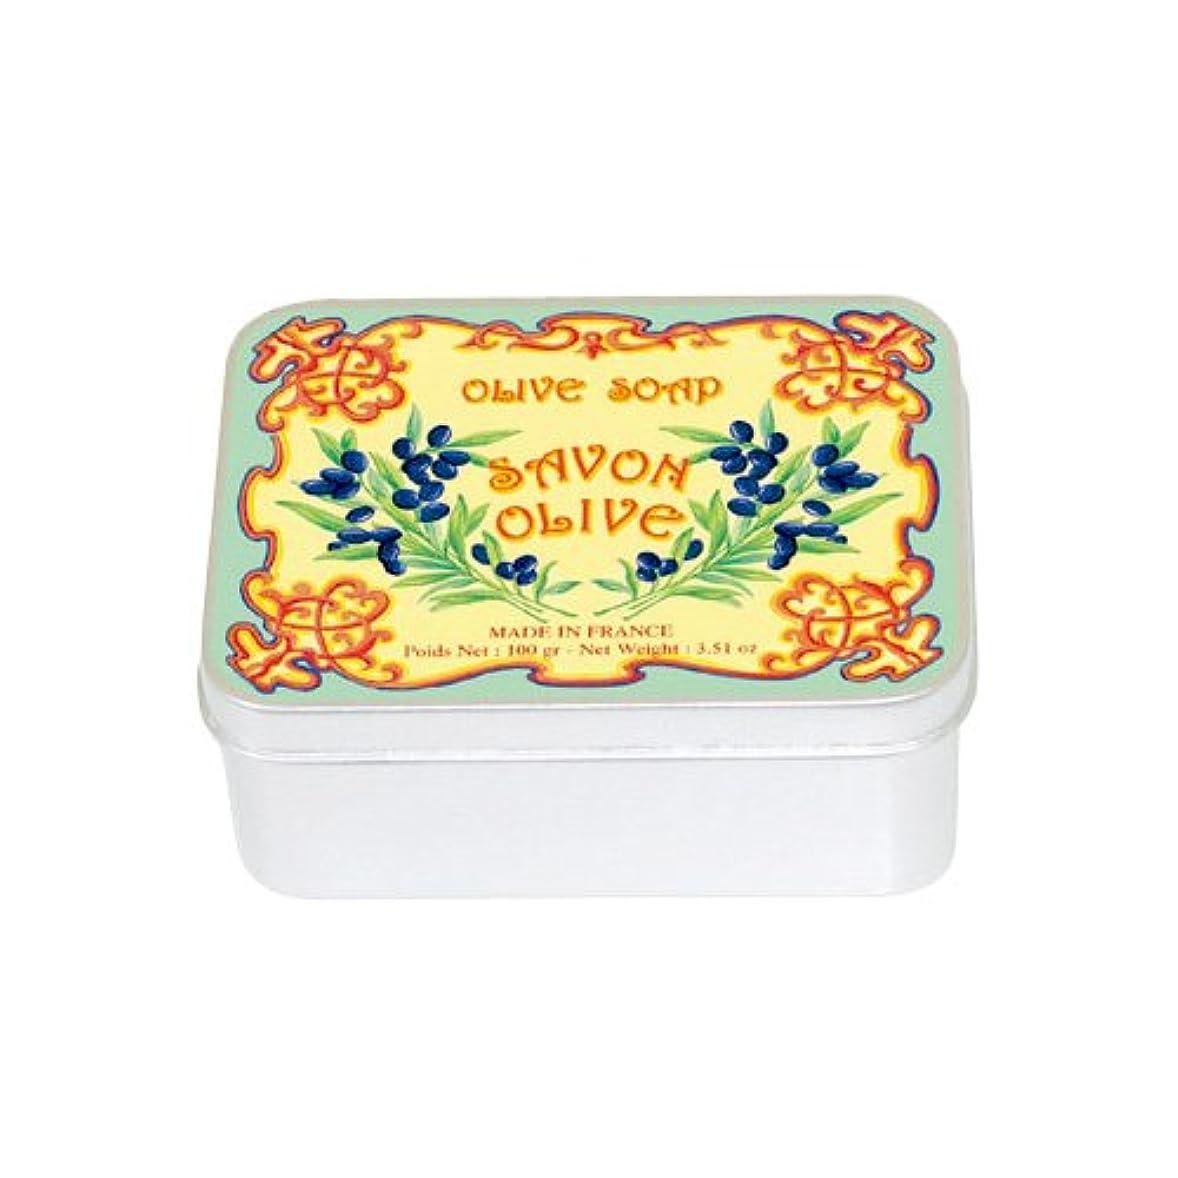 ベーシックスクリューアマチュアルブランソープ メタルボックス(オリーブの香り)石鹸